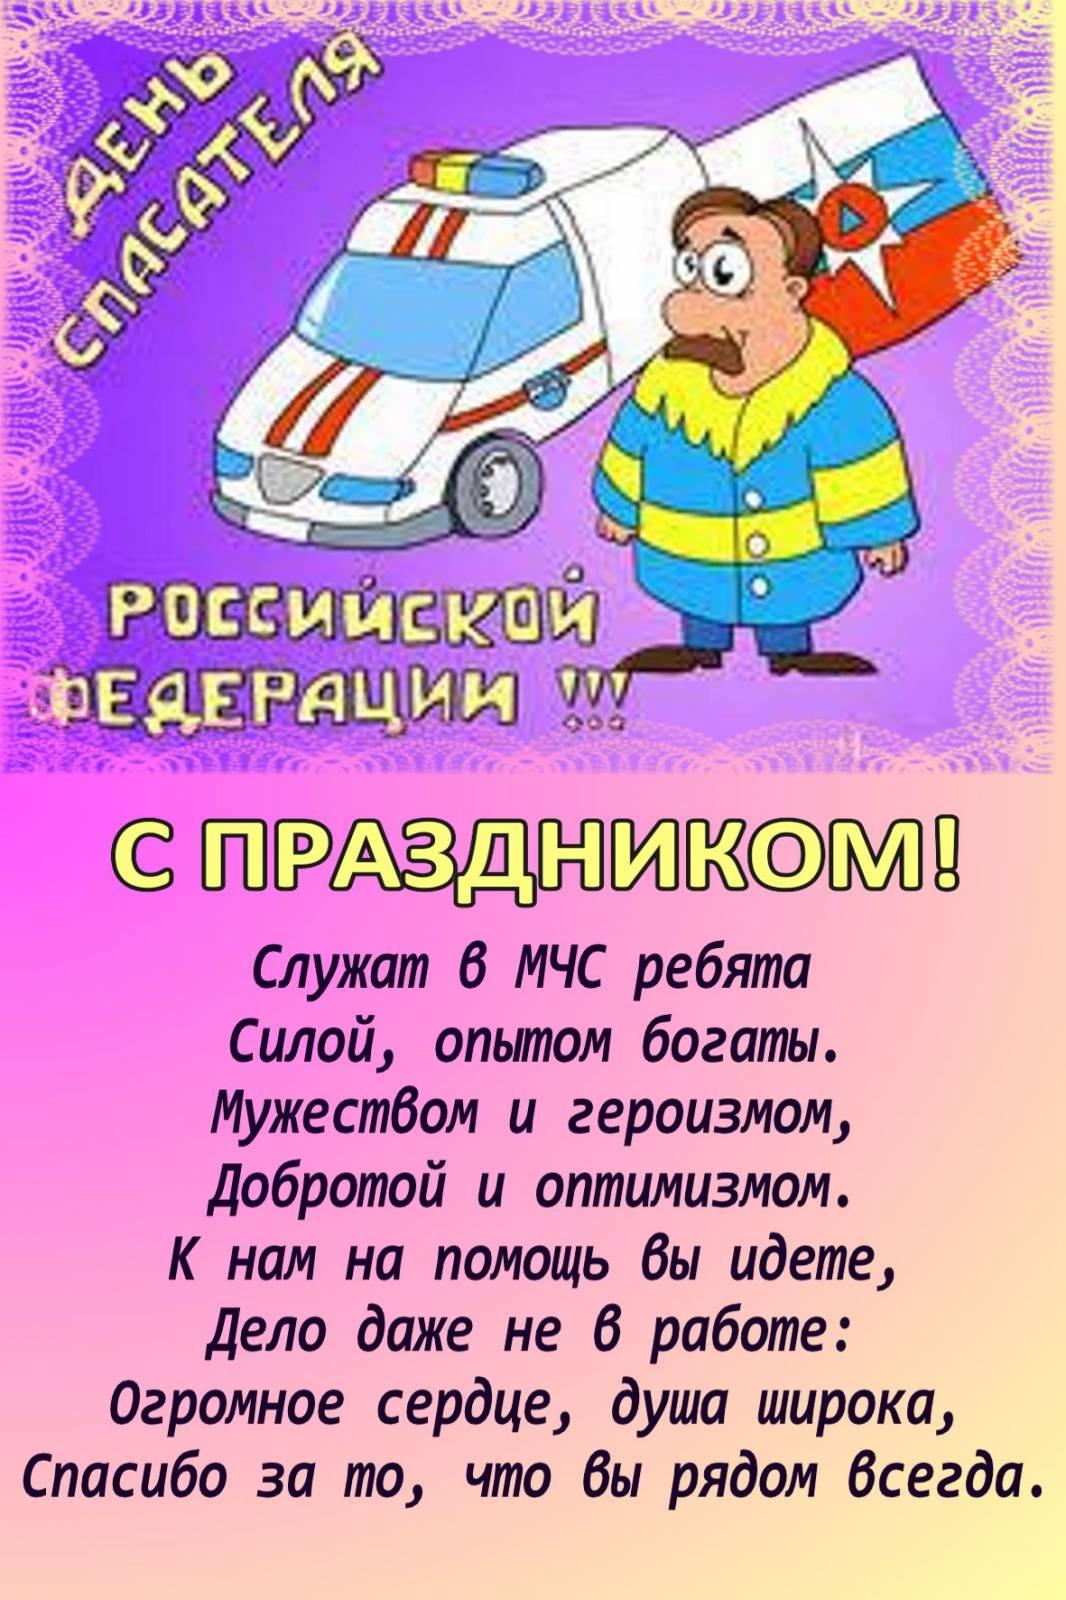 Поздравления с днём россии короткие прикольные